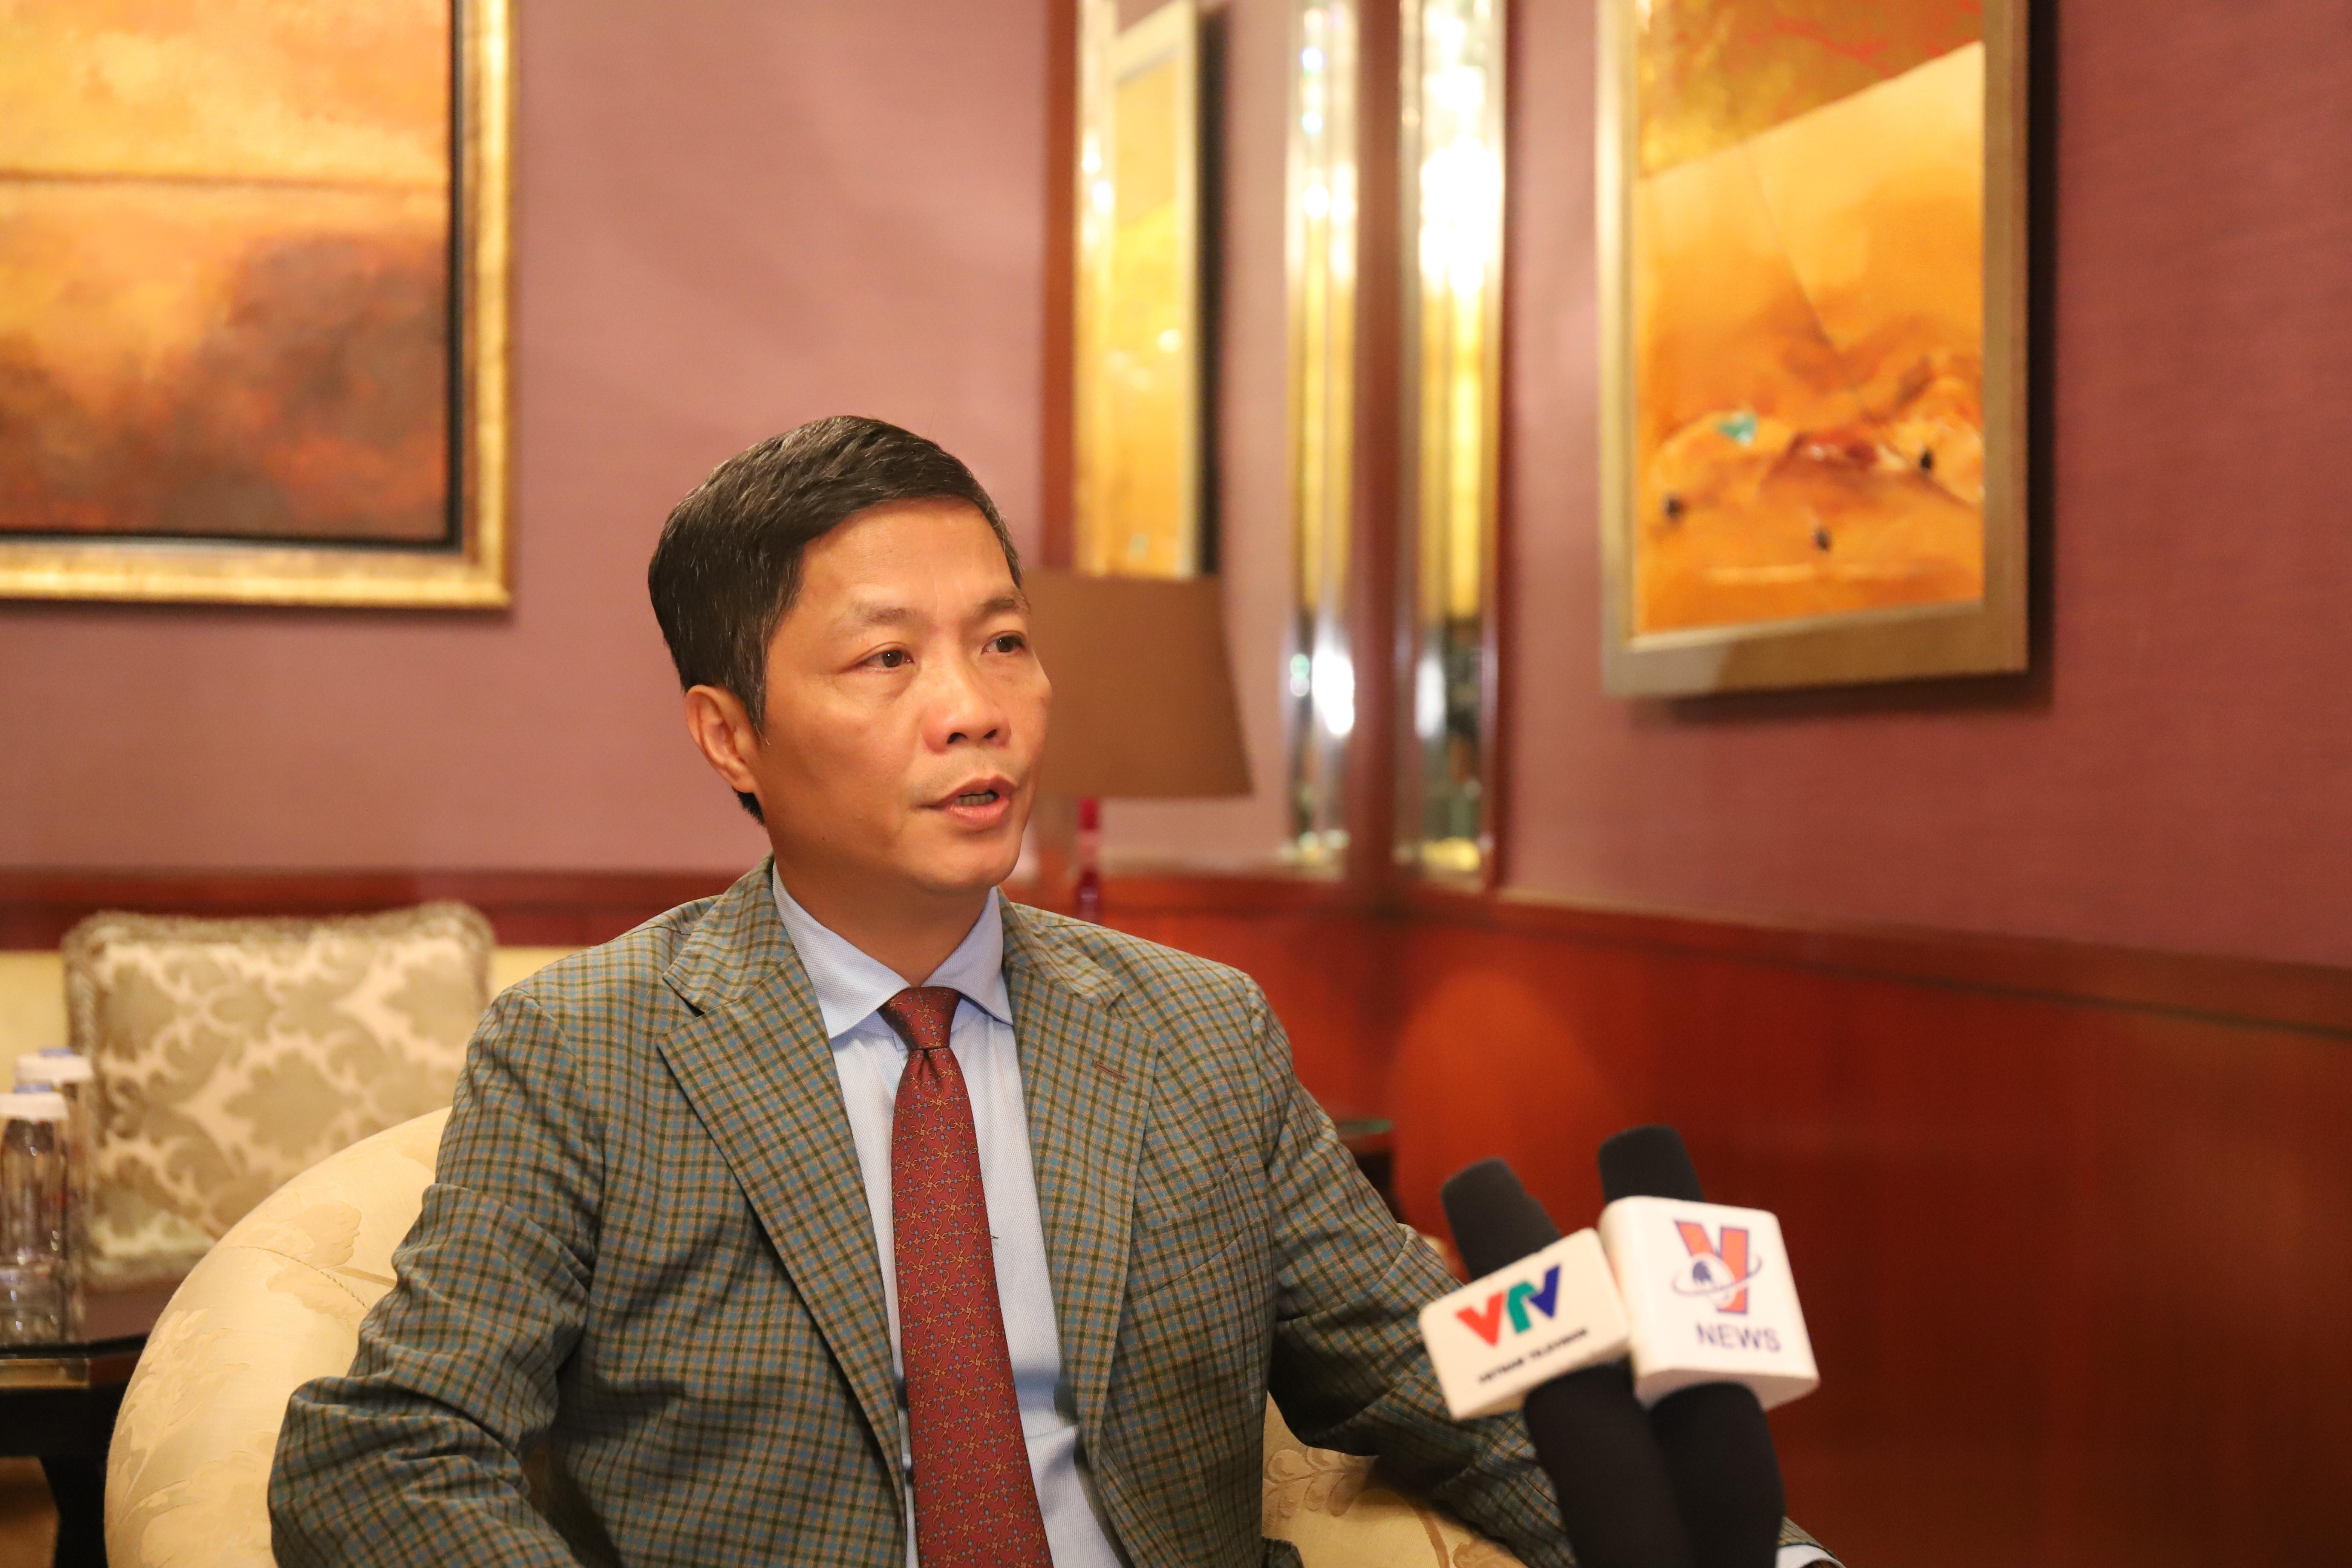 Le ministre de l'Industrie et du Commerce, Trân Tuân Anh, répond aux questions du correspondant de l'Agence vietnamienne d'Information.